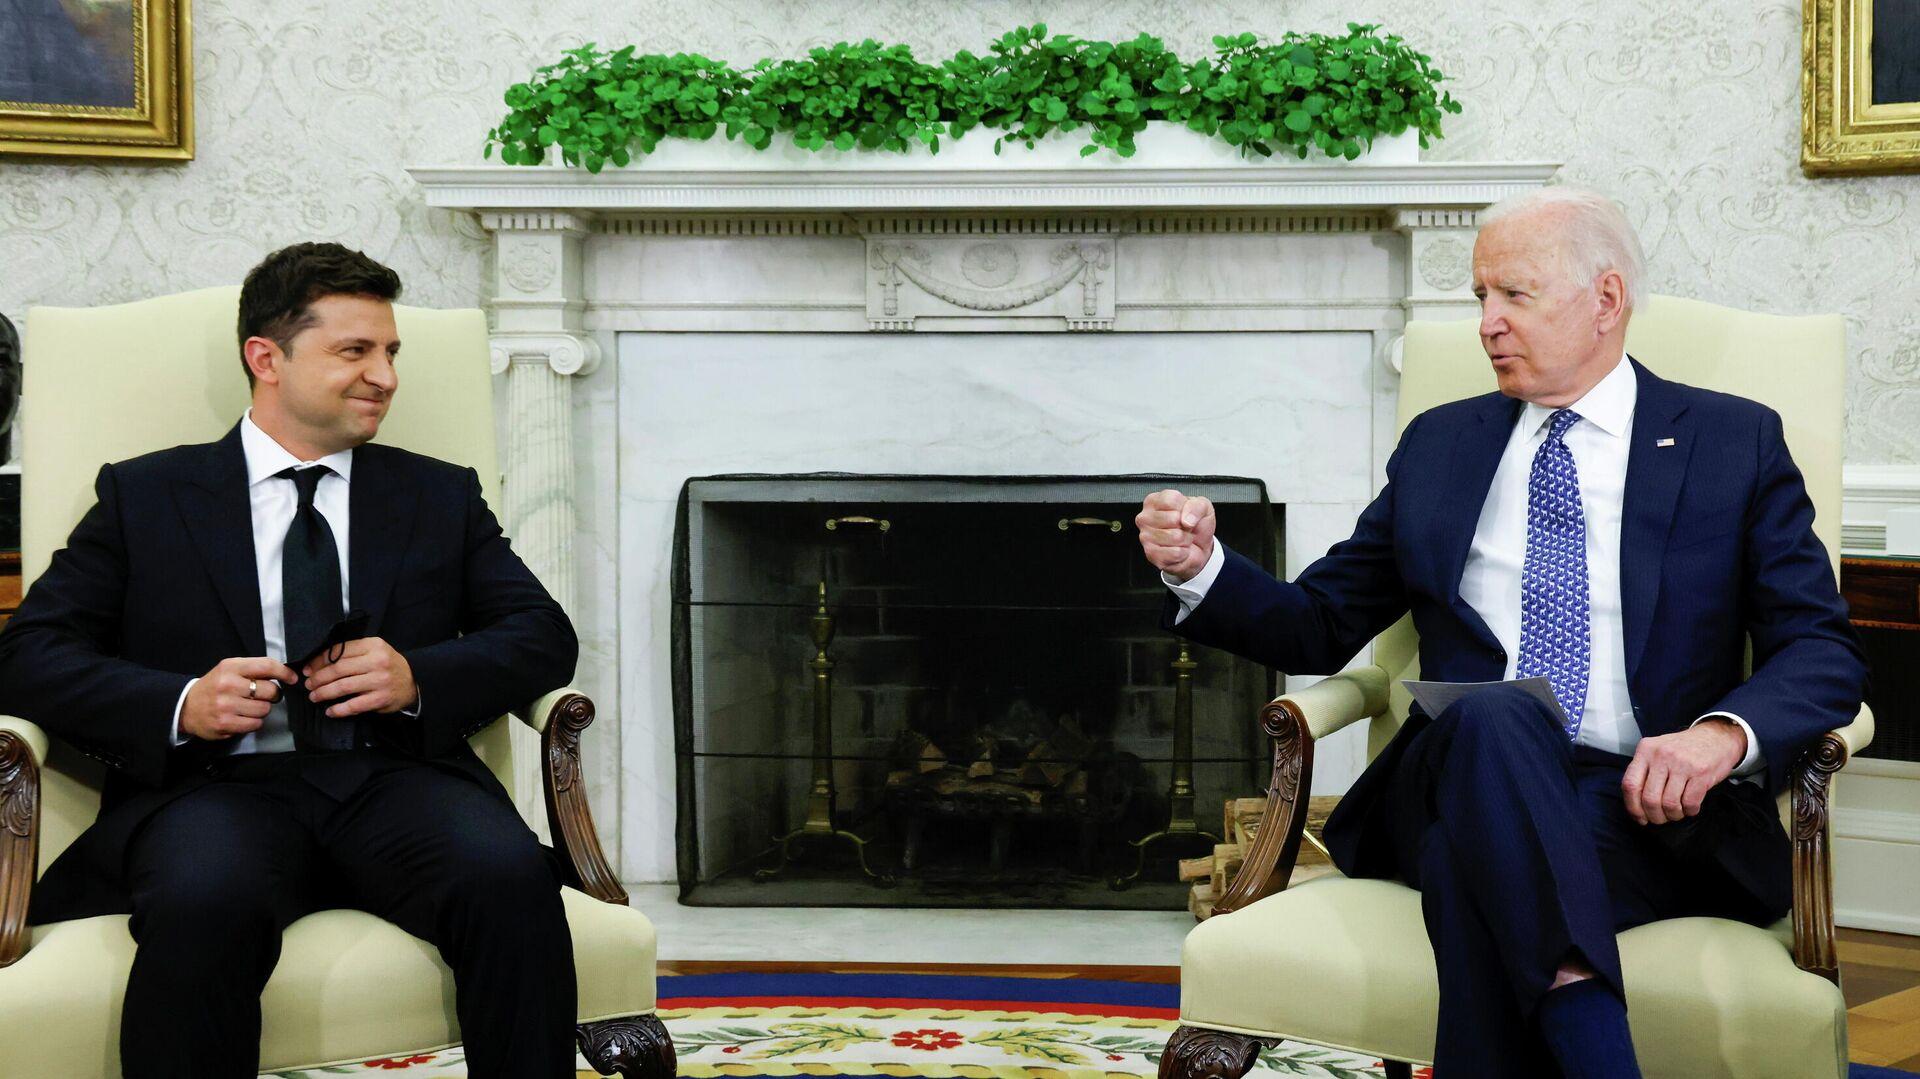 Владимир Зеленский и Джо Байден во время встречи в Белом доме - РИА Новости, 1920, 07.09.2021